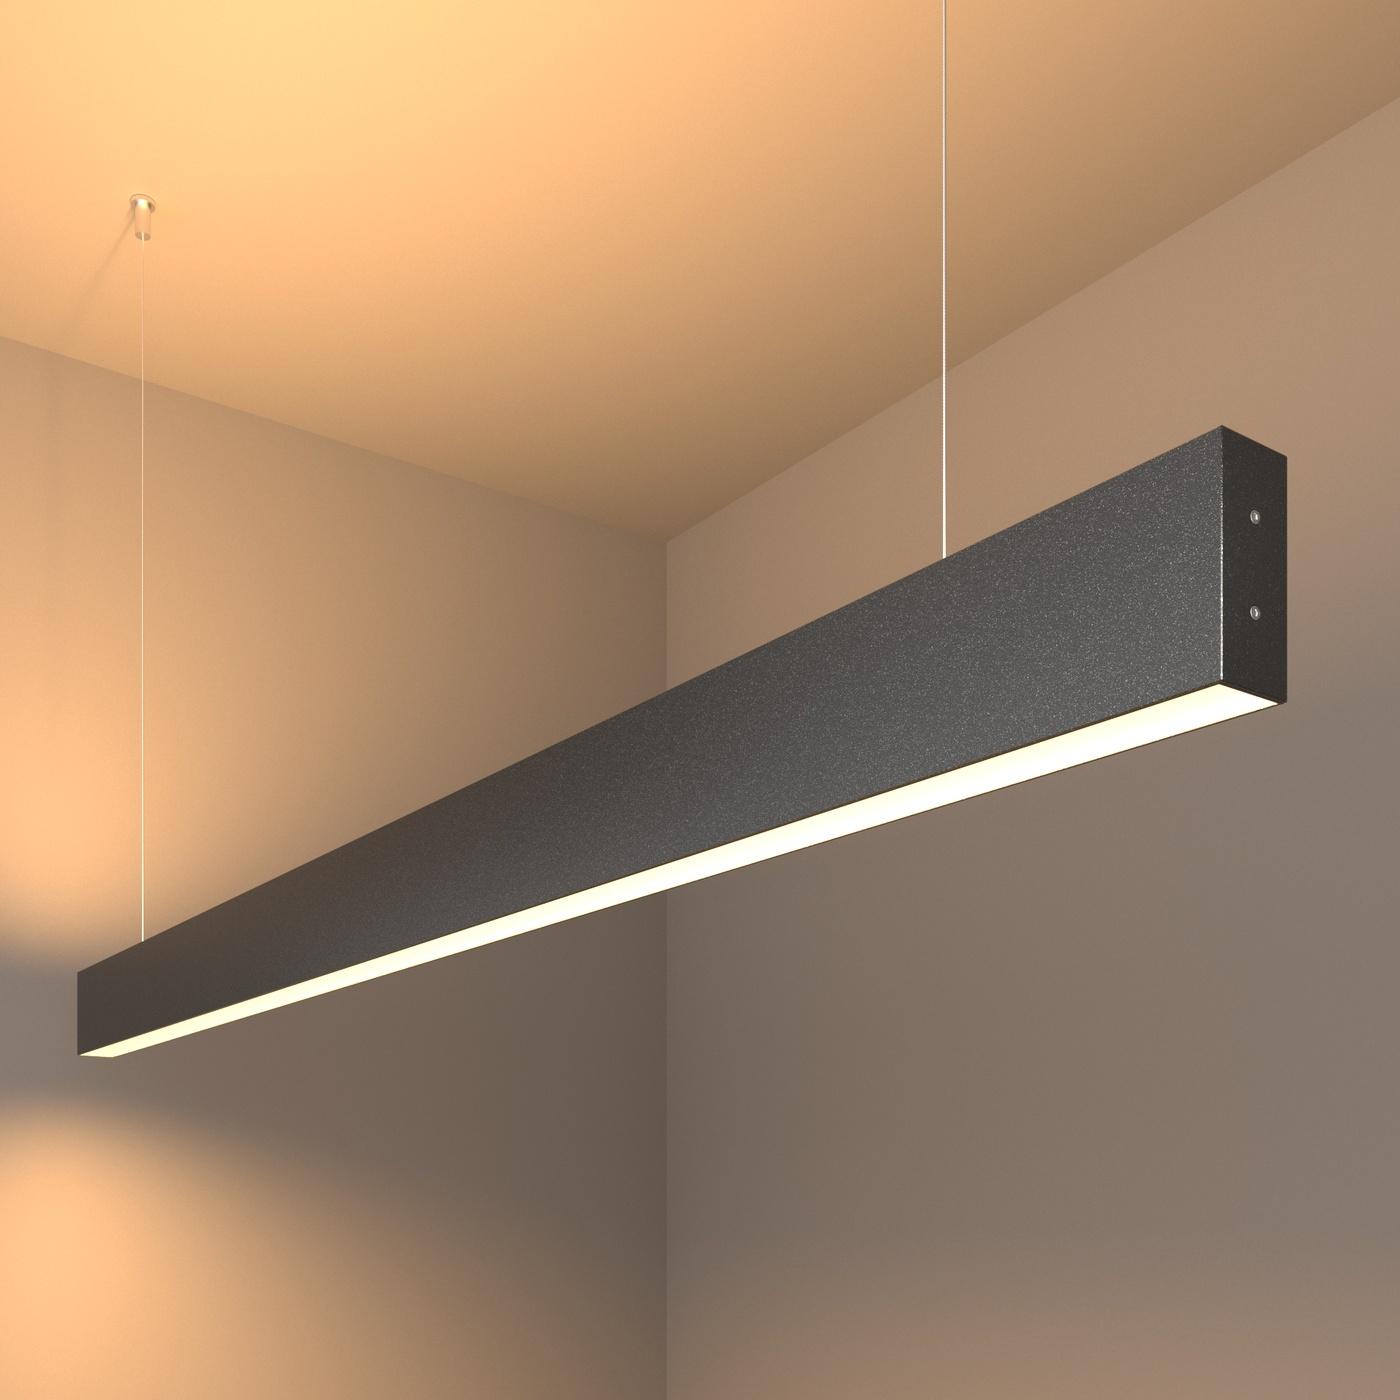 101-200-40-128 / Линейный светодиодный подвесной двусторонний светильник 128см 50W 3000K черная шагрень